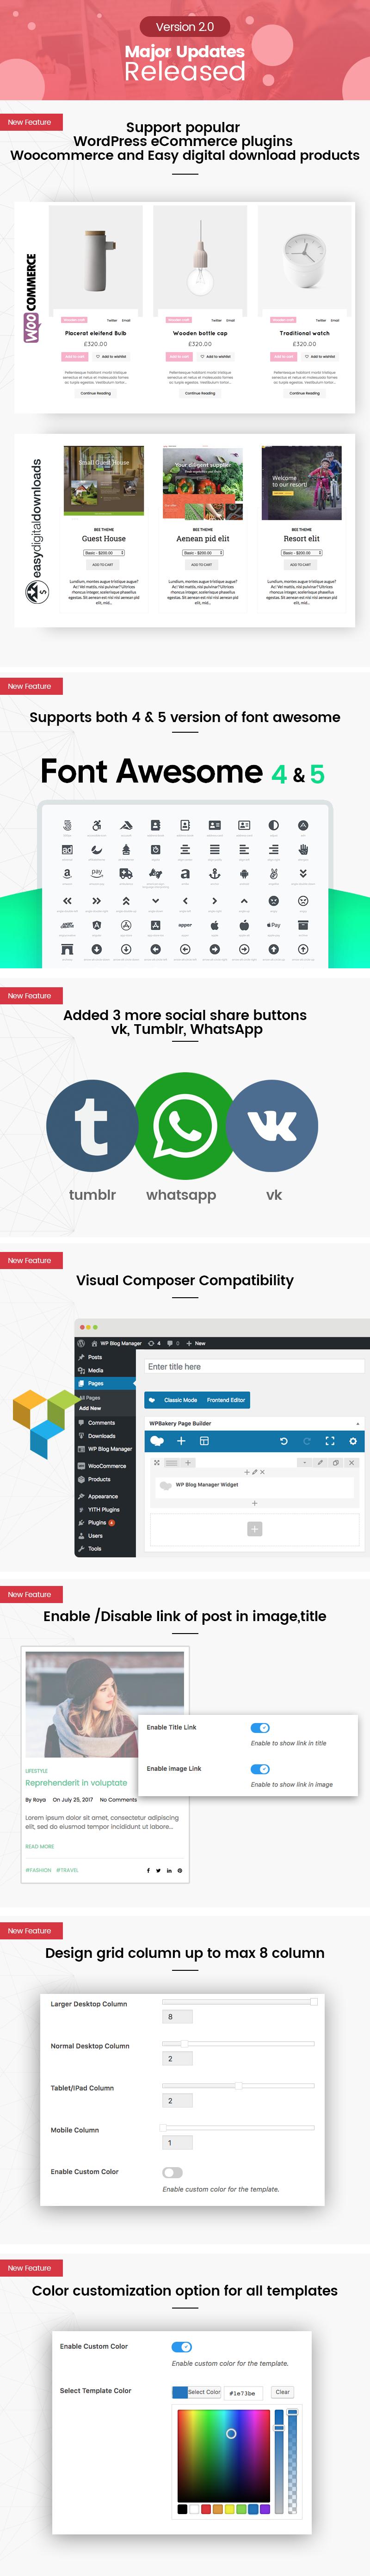 WP Blog Manager - Plugin to Manage / Design WordPress Blog - 1